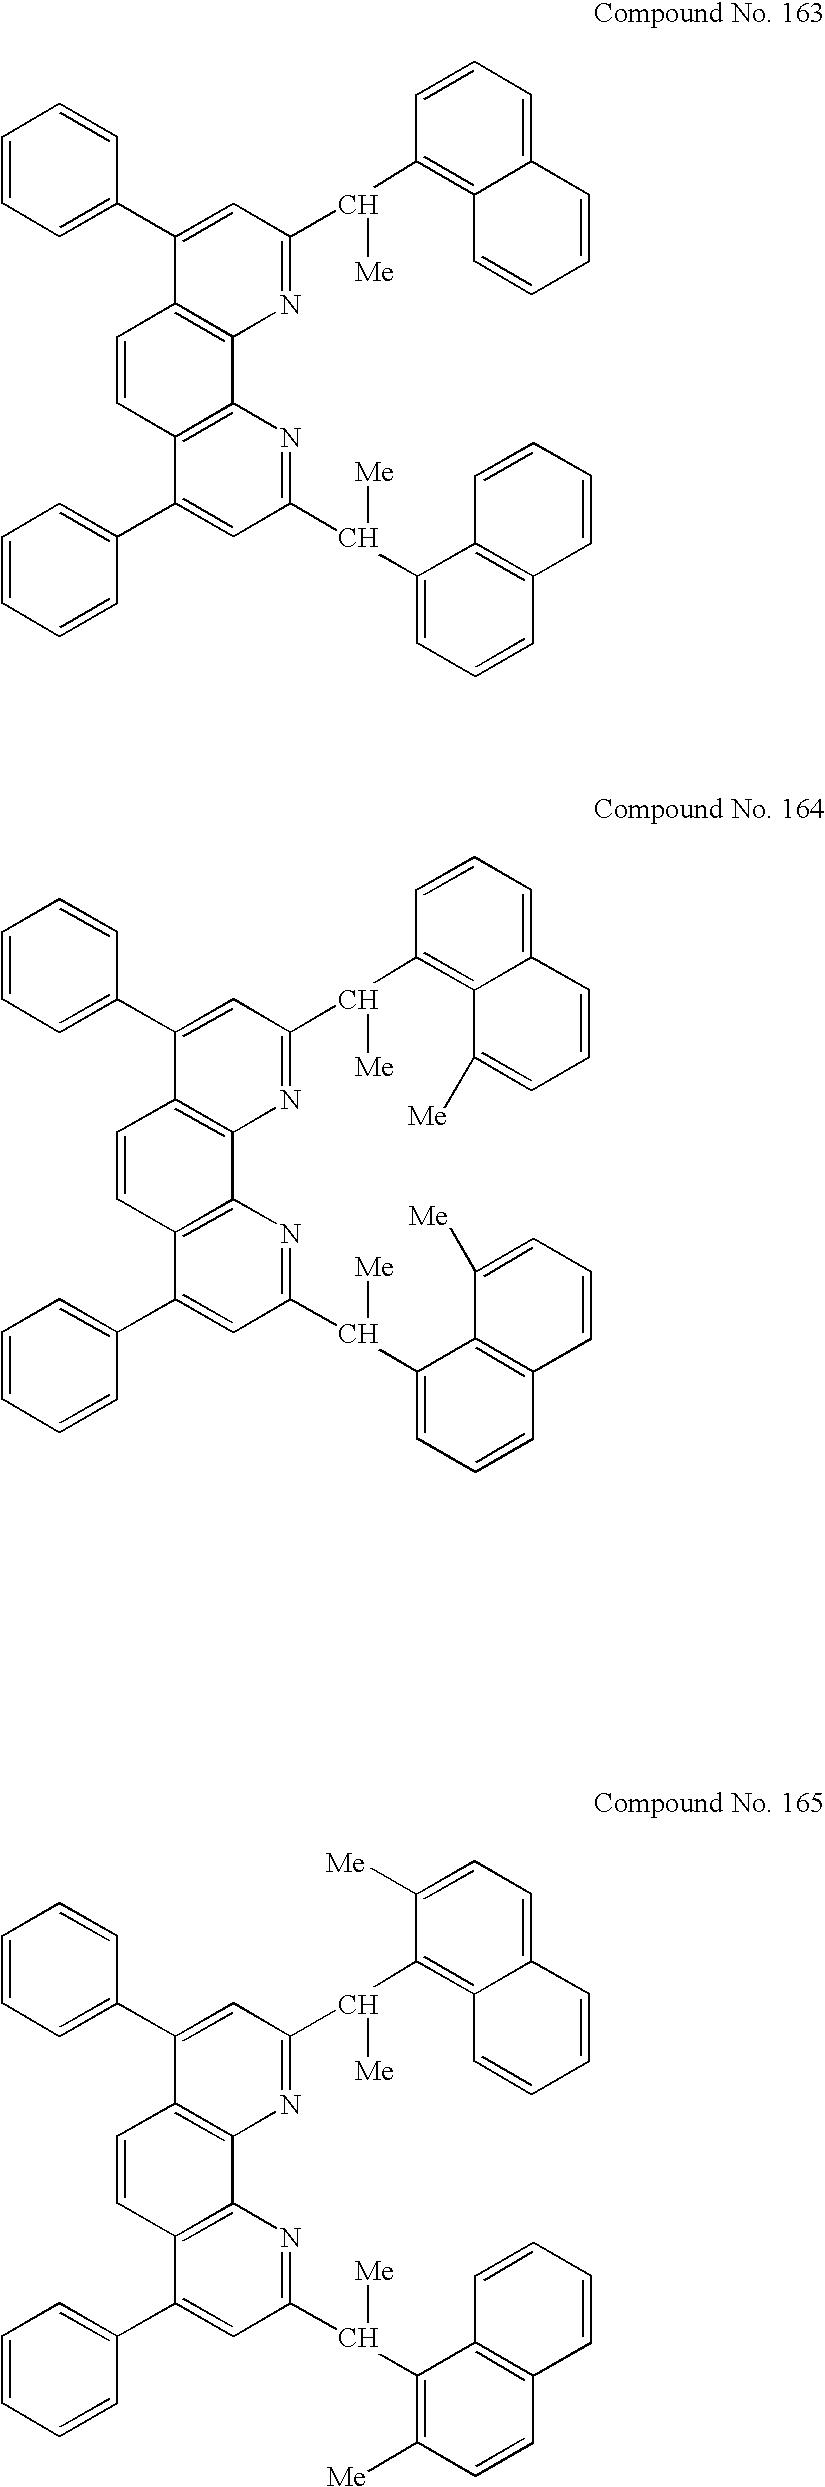 Figure US20050073641A1-20050407-C00053